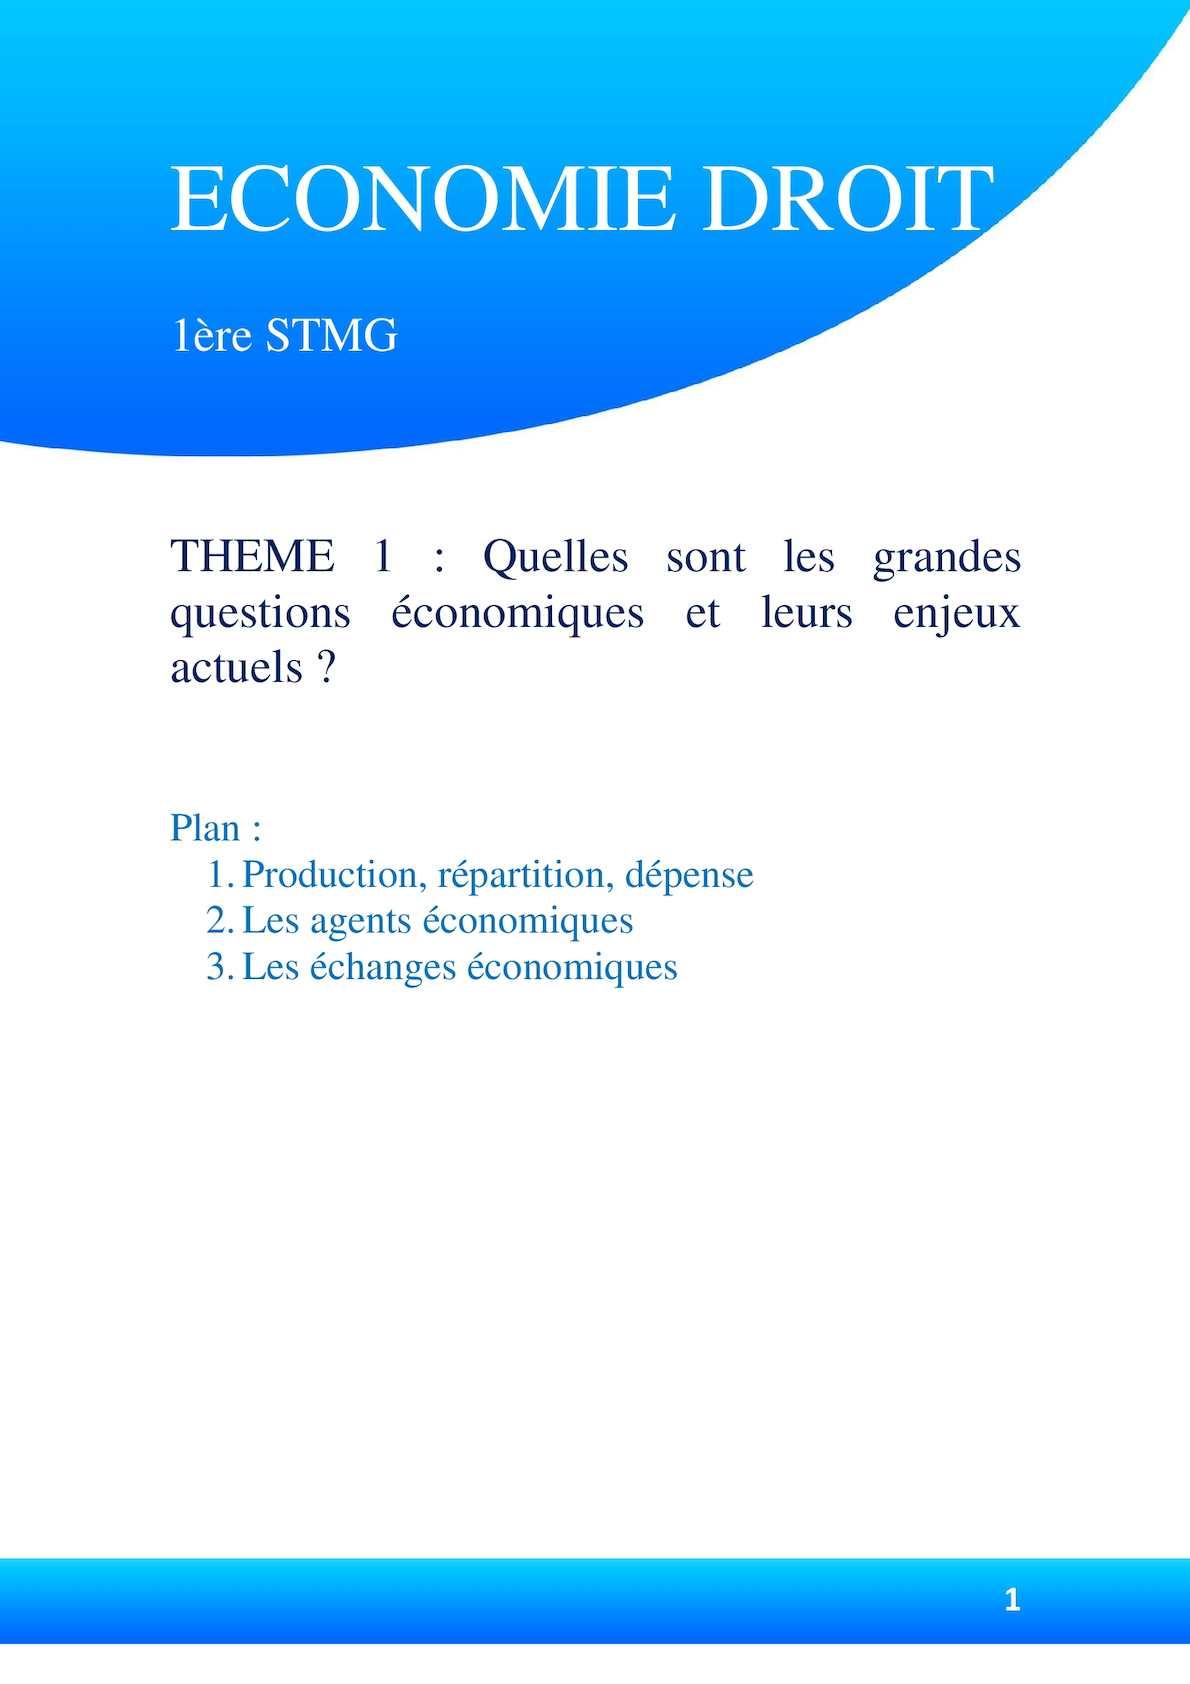 Agent économique définition stmg